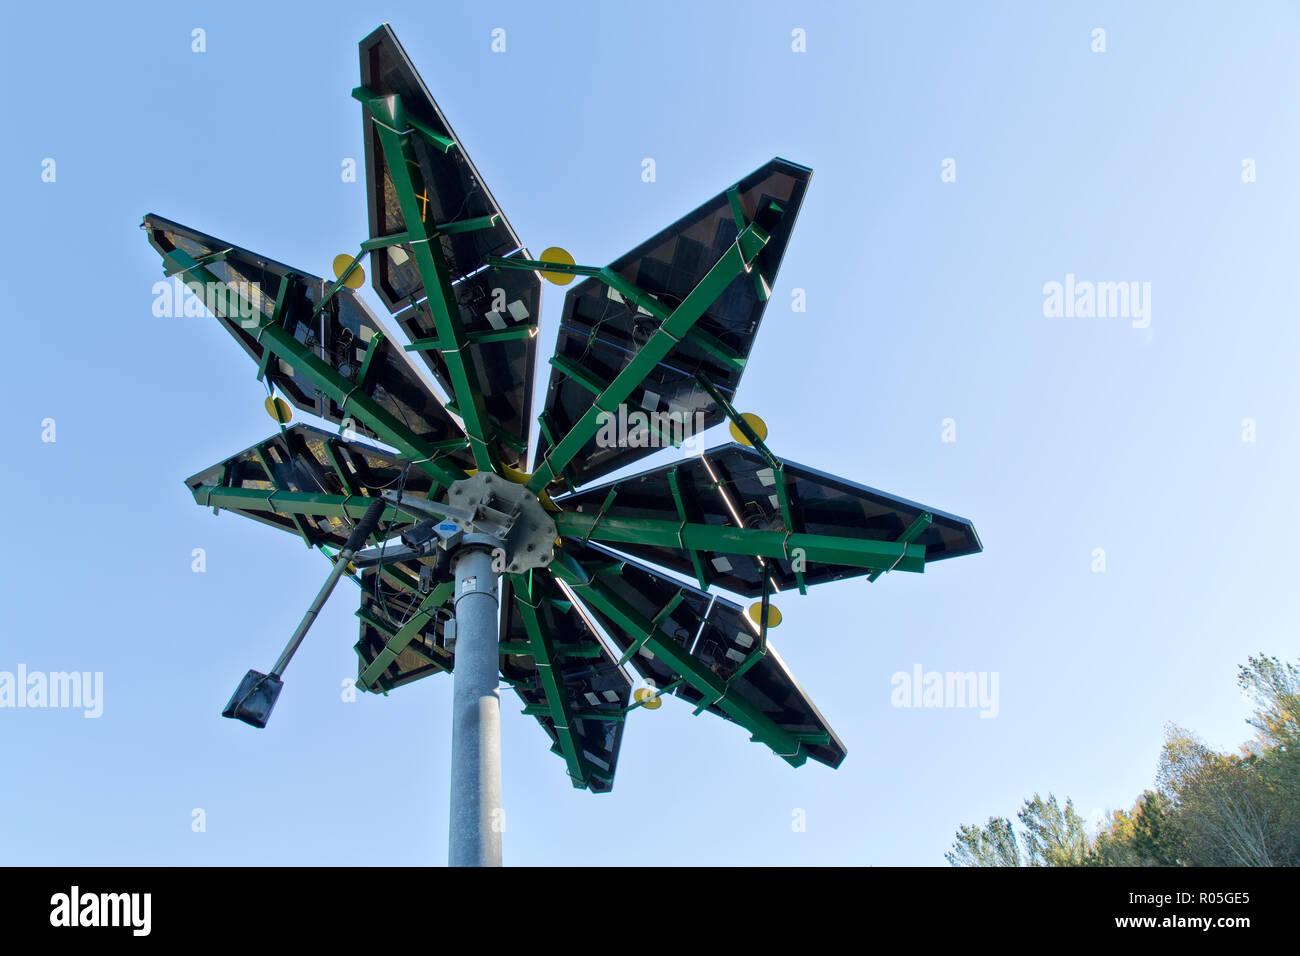 Solar Array, gekennzeichnet als 'Solar Photovoltaik Flair' messen 17 ft. Durchmesser, einem Gewicht von ca. 1200 kg, Elektrofahrzeuge Ladestation. Stockbild